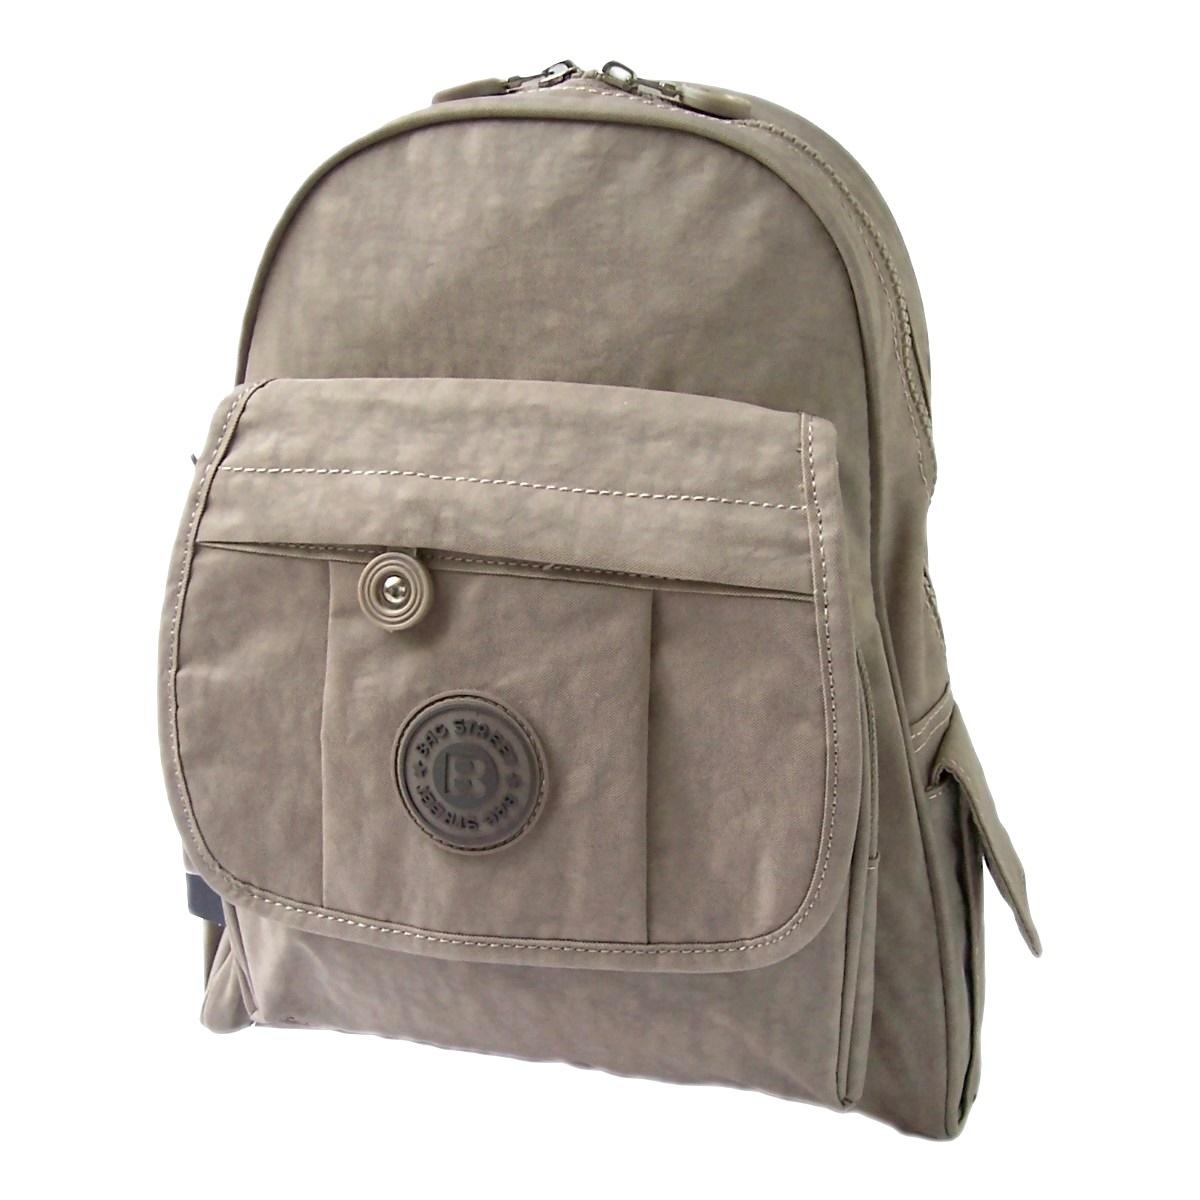 Damen City-Rucksack Freizeit Kinderrucksack Tasche beige Ru6042